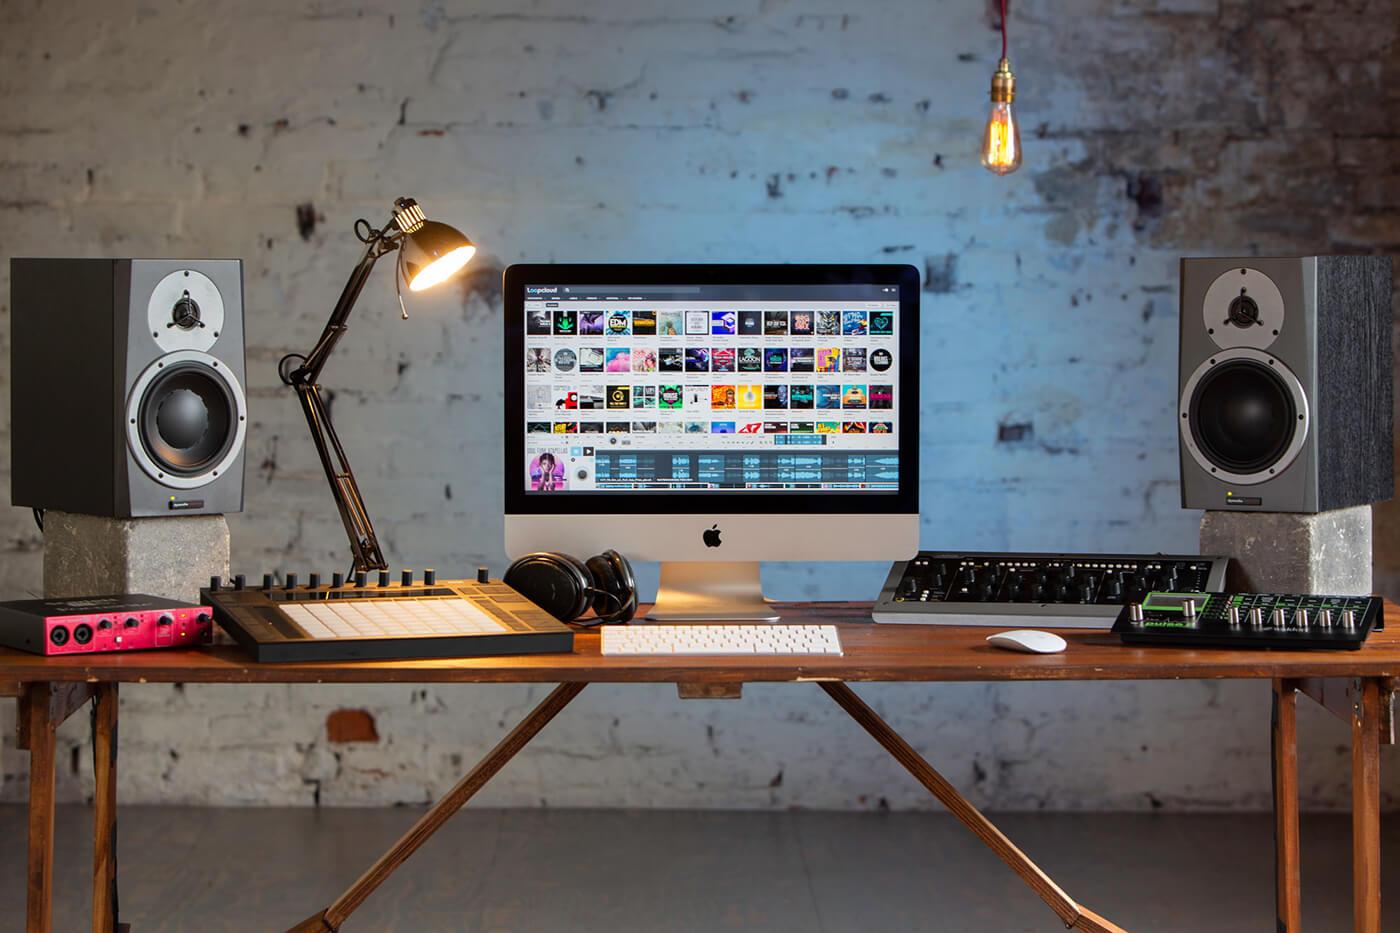 Loopmasters Loopcloud 5 desktop setup